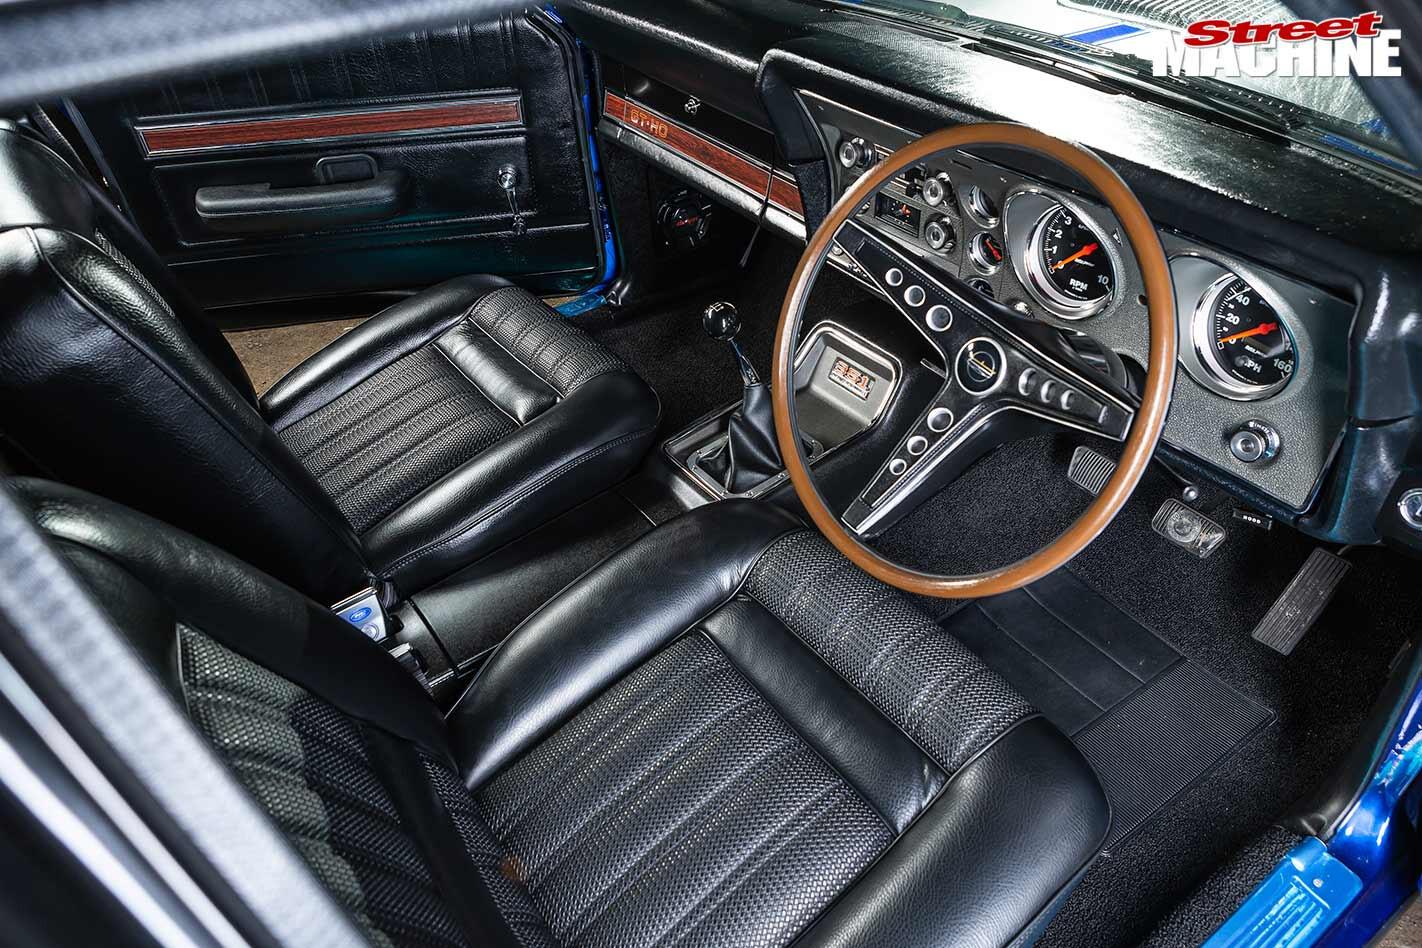 Ford XY Falcon interior